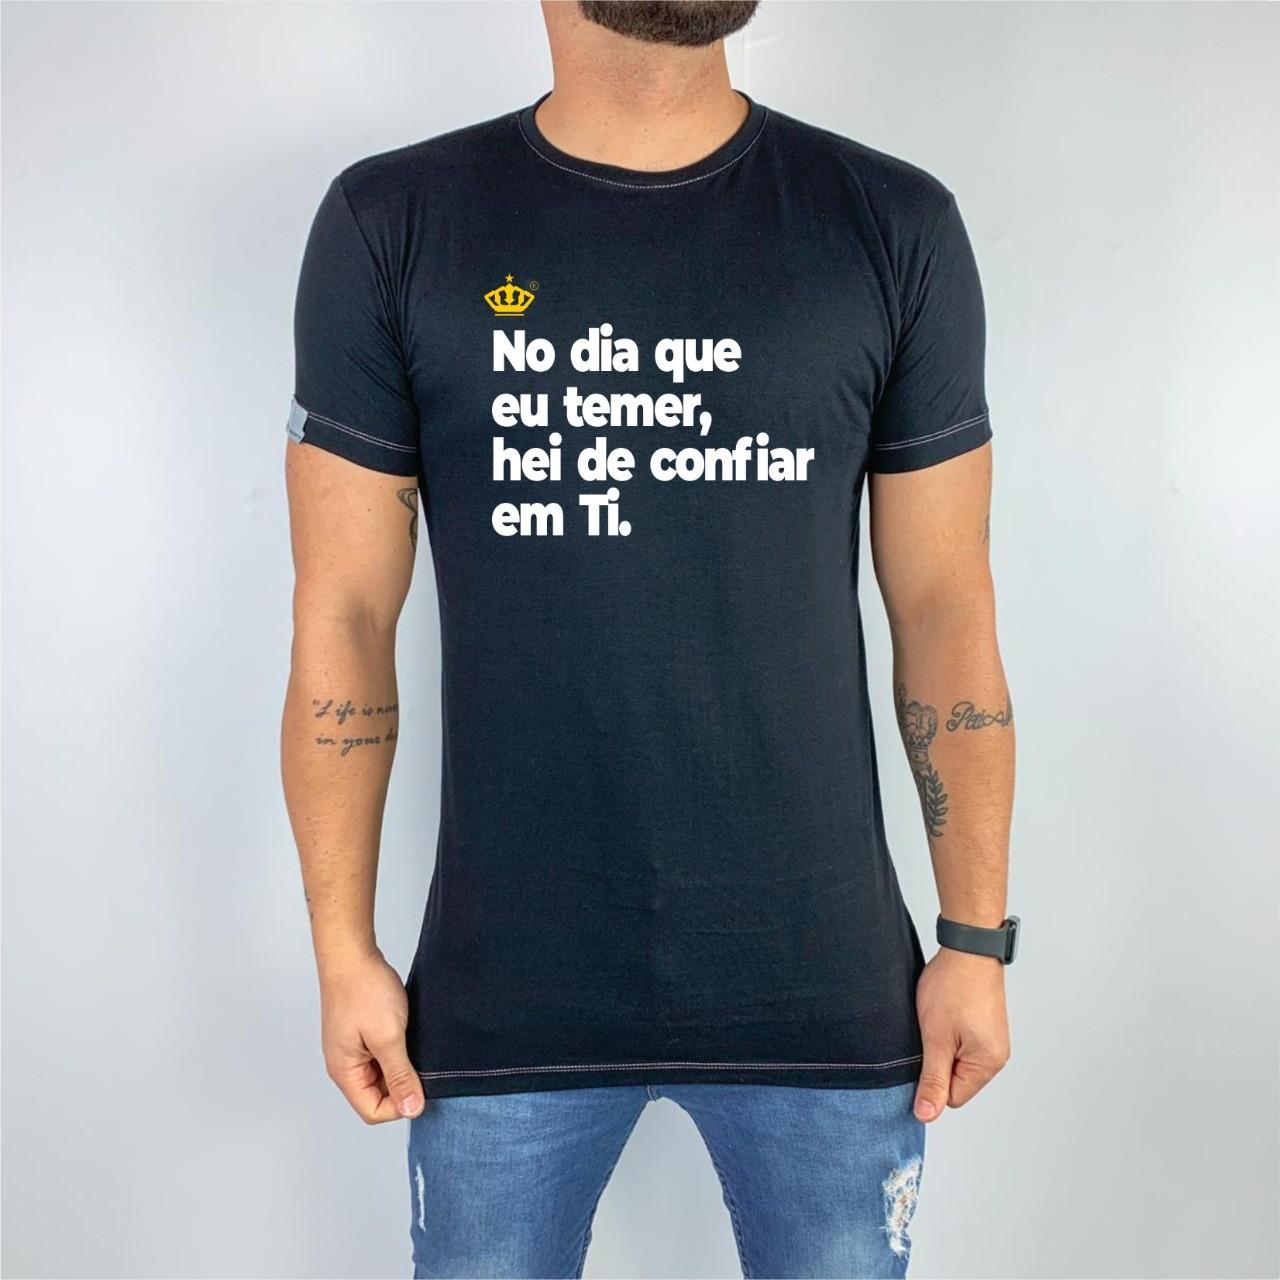 Camiseta No dia em que eu temer, hei de confiar em Ti